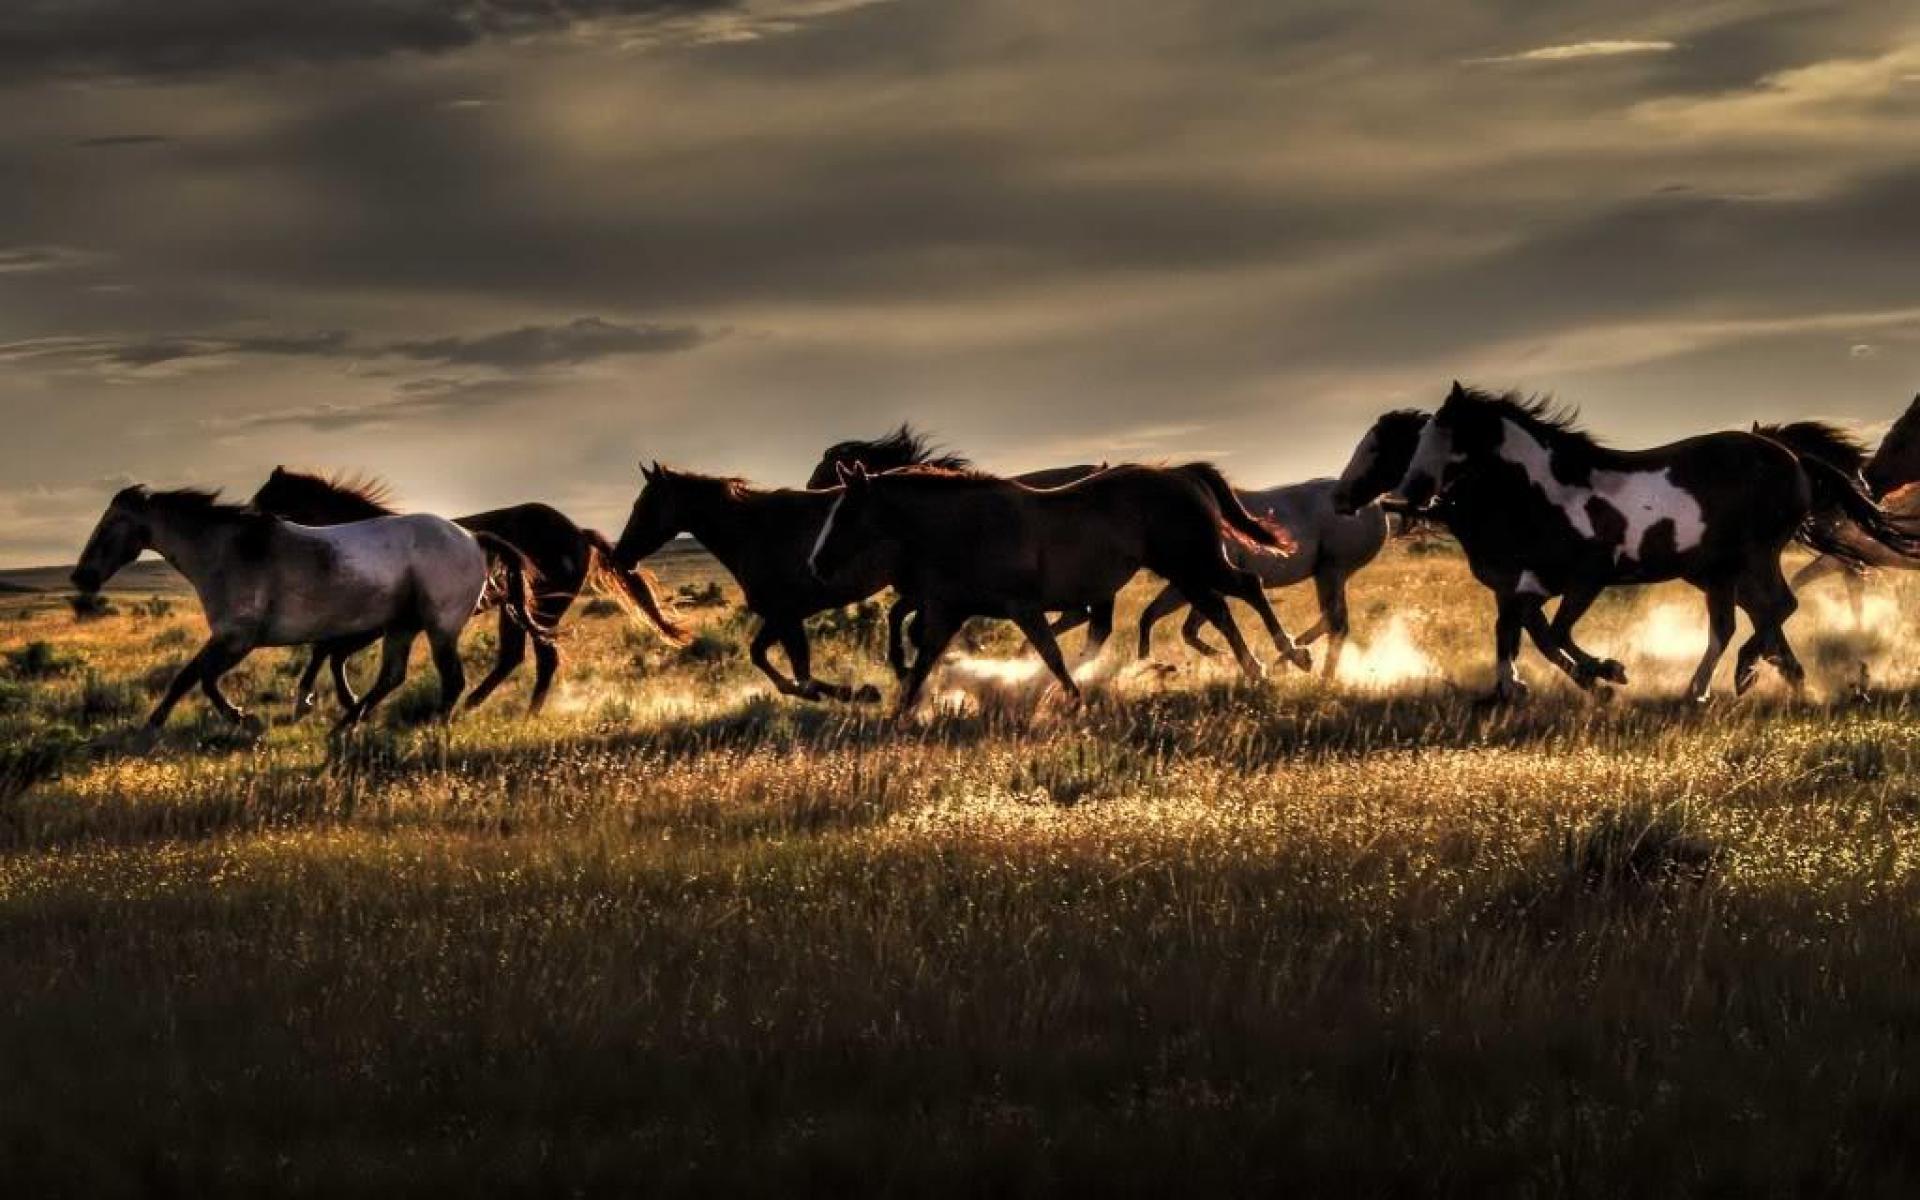 Wild Horses Desktop Wallpaper Wild Horses Pictures Cool 1920x1200